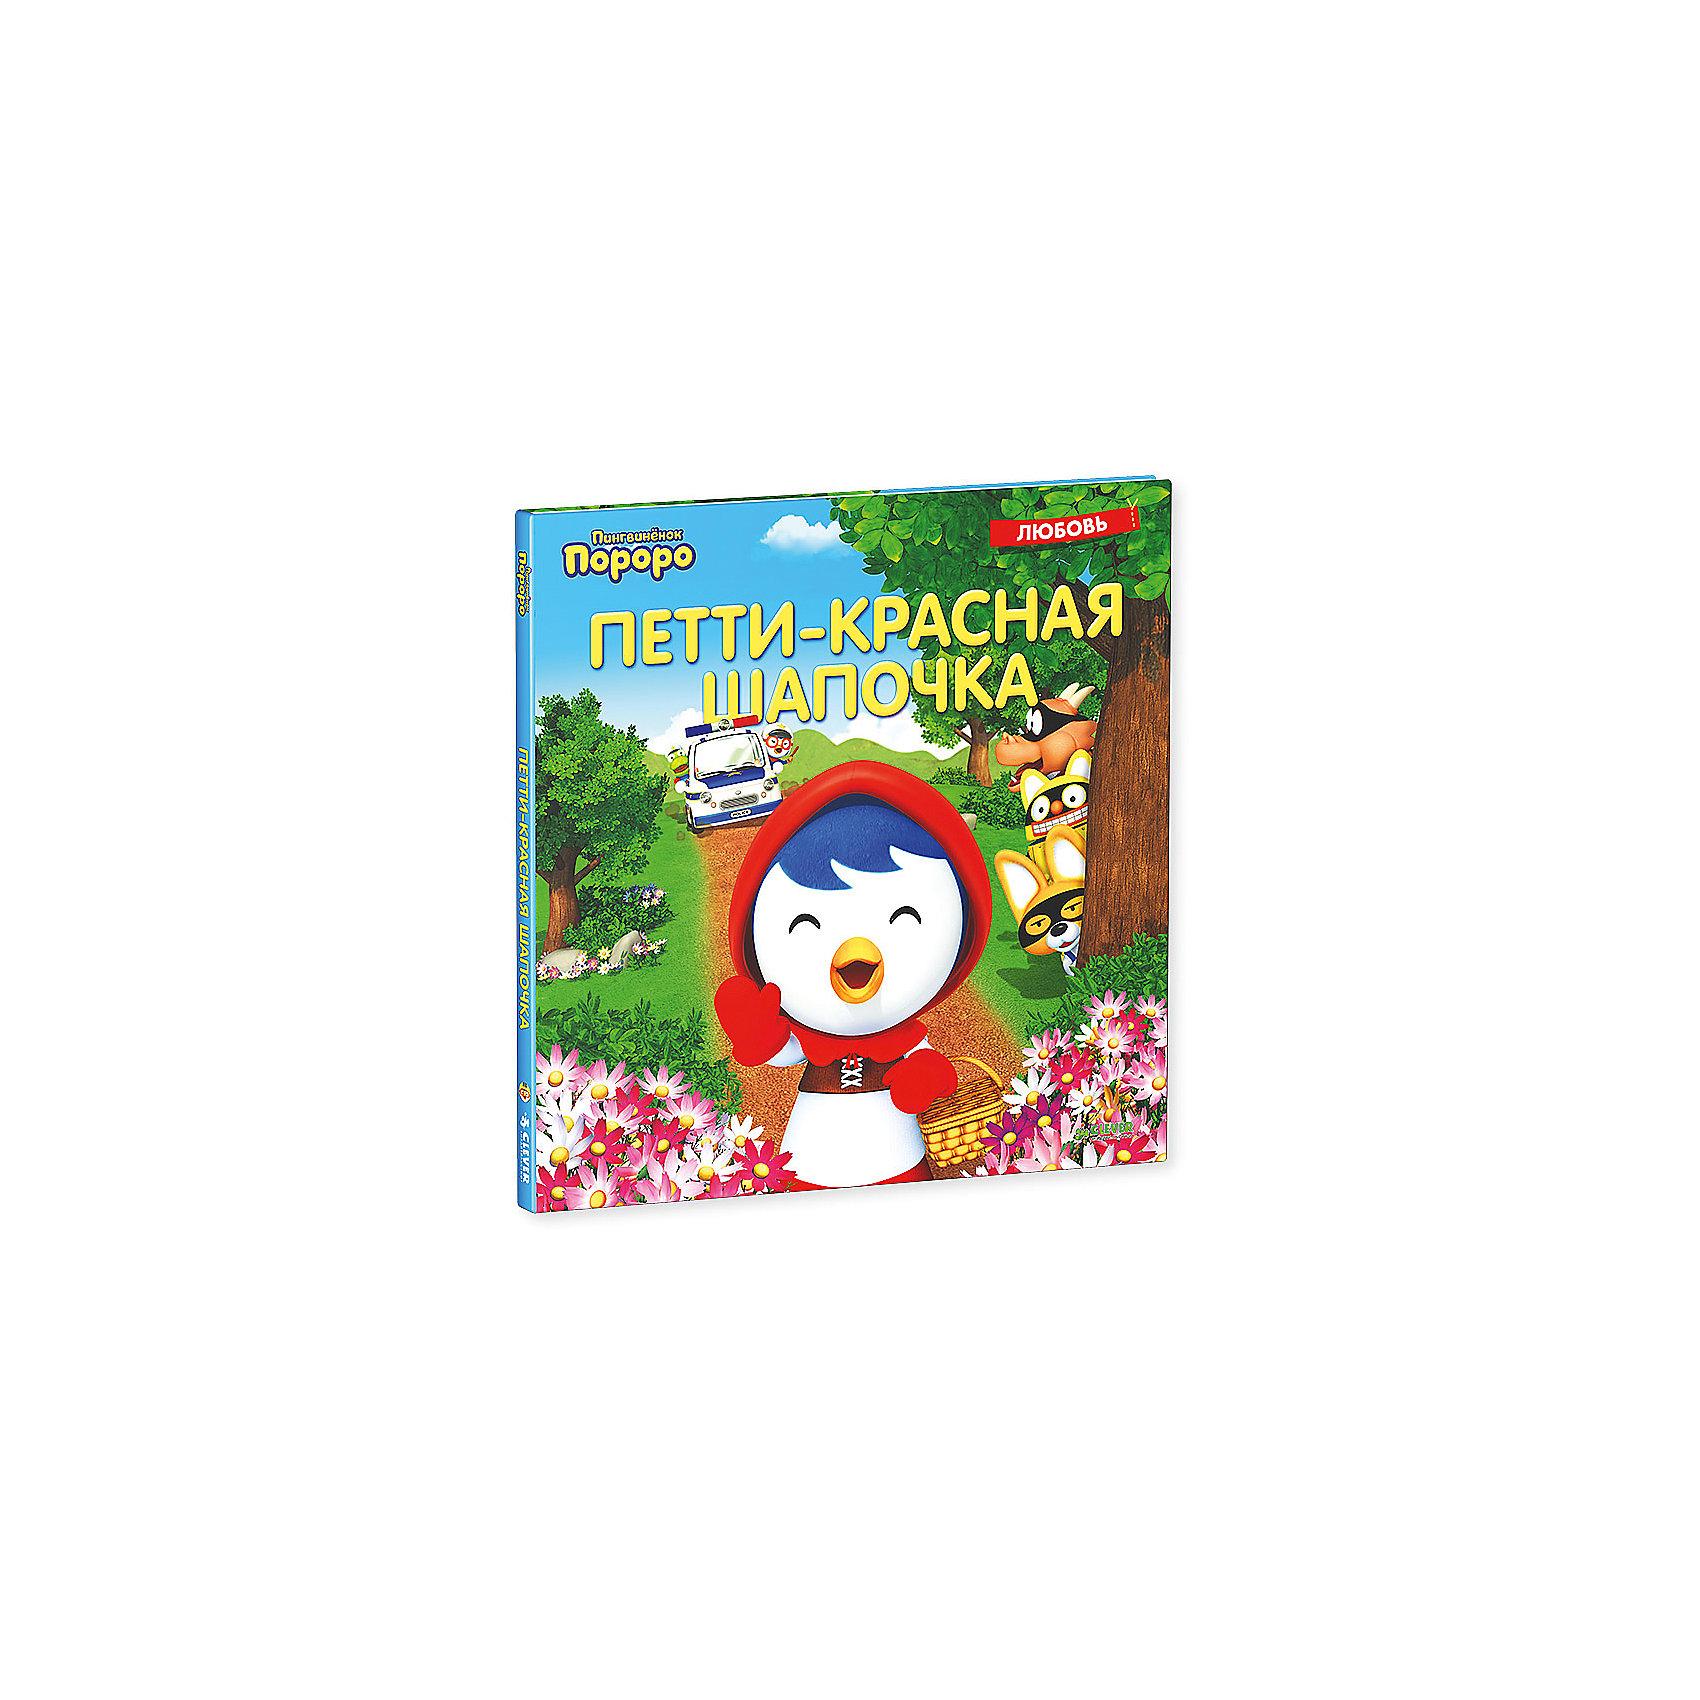 Clever Книга Пингвинёнок Пороро. Петти-Красная Шапочка книга clever голубев а зимние приключения клёвика приключения клёвика 5